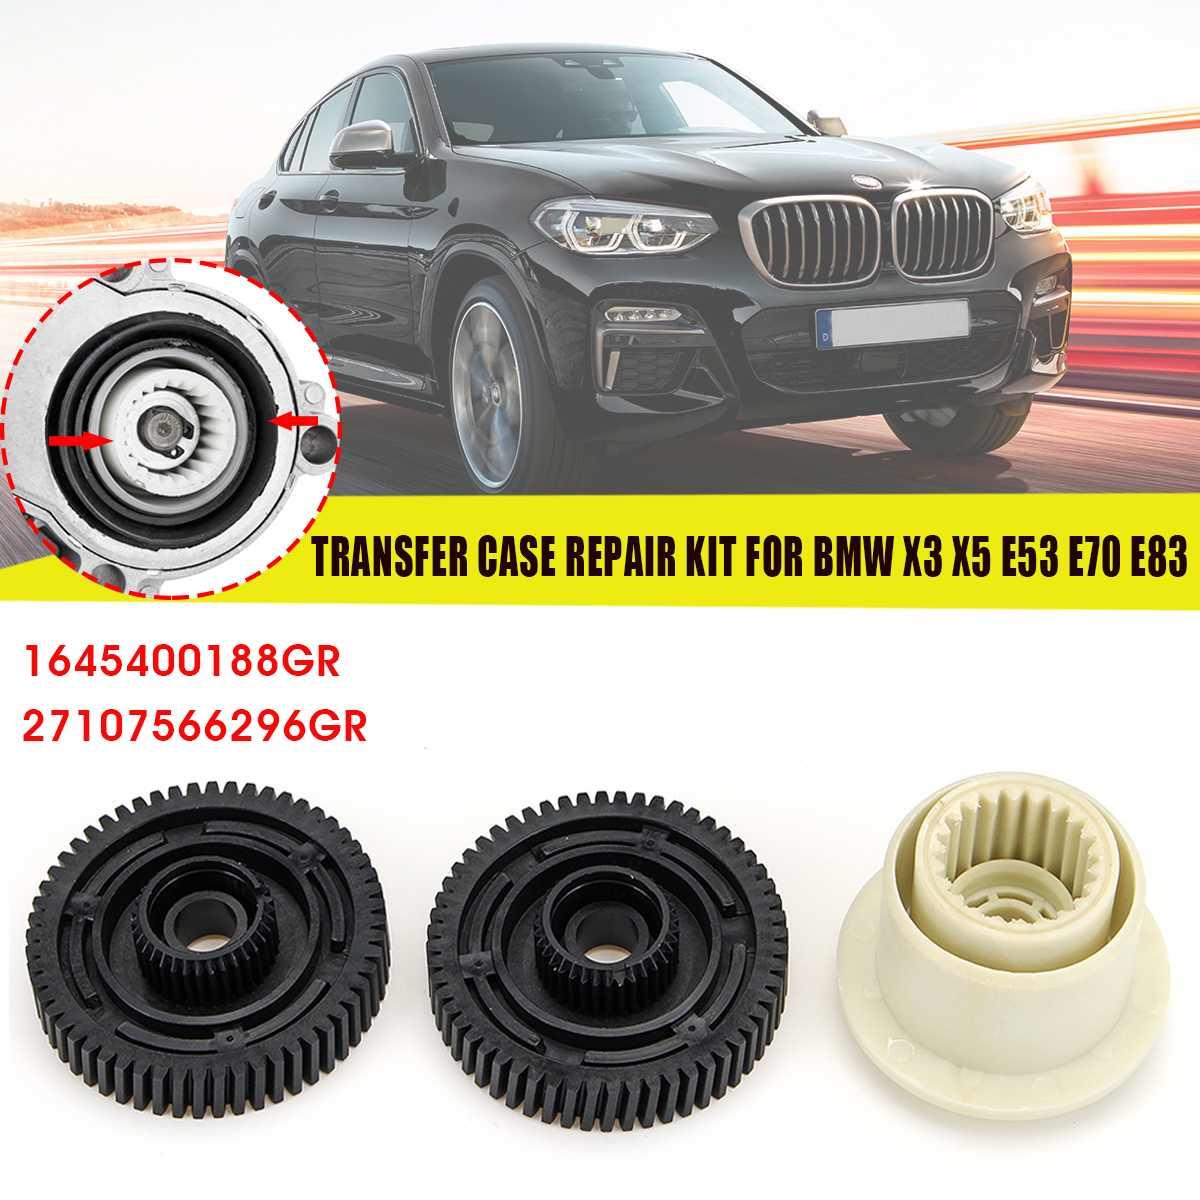 3cs Auto Getriebe Box Transfer Fall Servo Antrieb Motor Reparatur Ersatz 27107566296 Für BMW X3 X5 X6 E83 E53 E70 e71